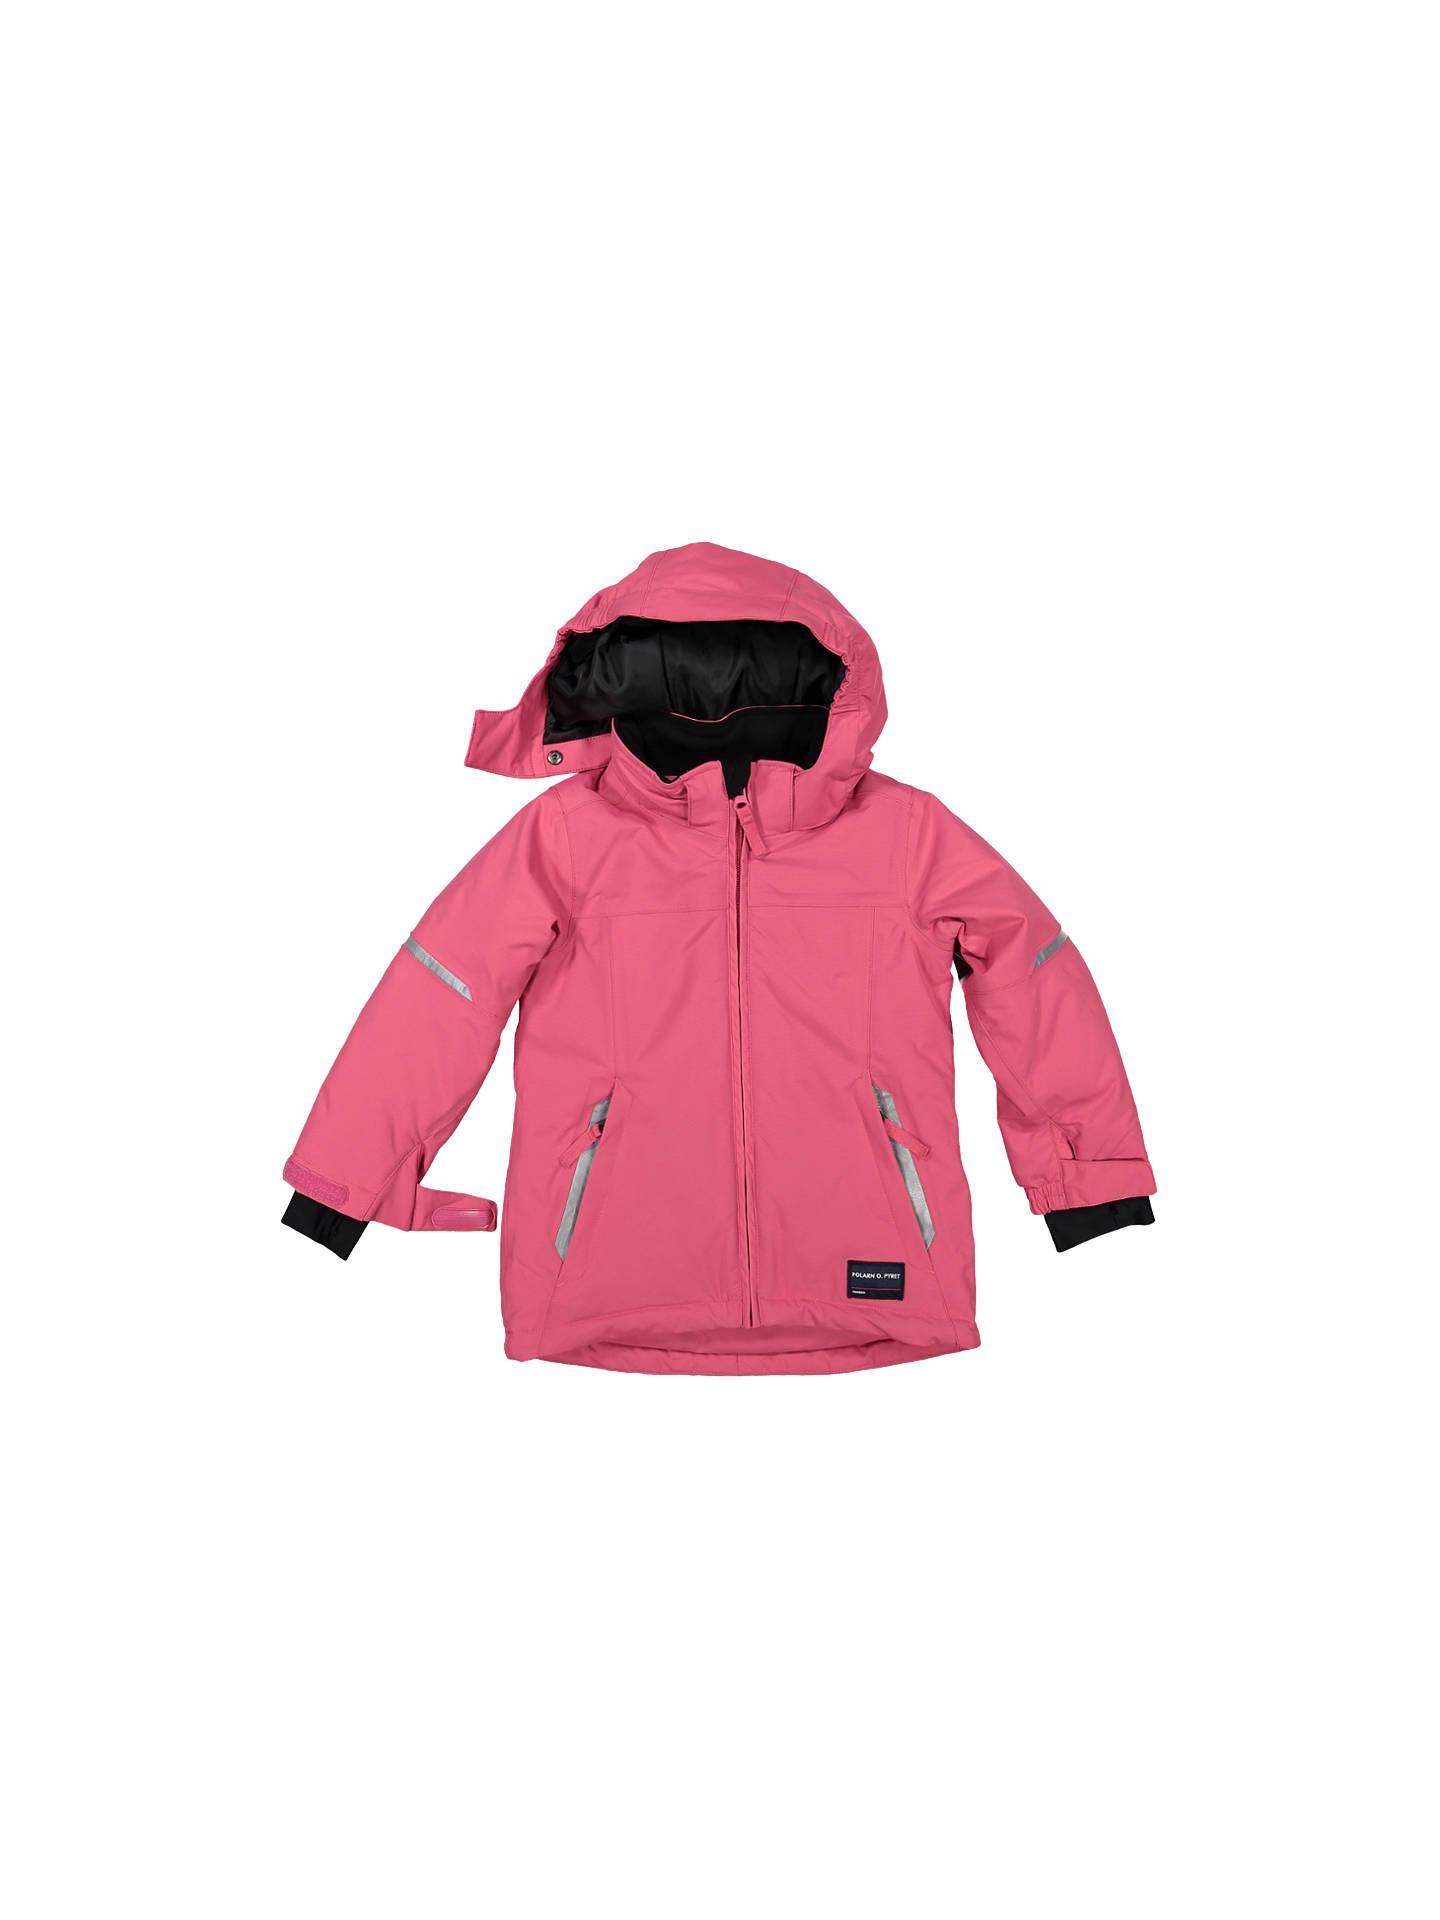 0f6fad575 Polarn O. Pyret Children s Winter Coat